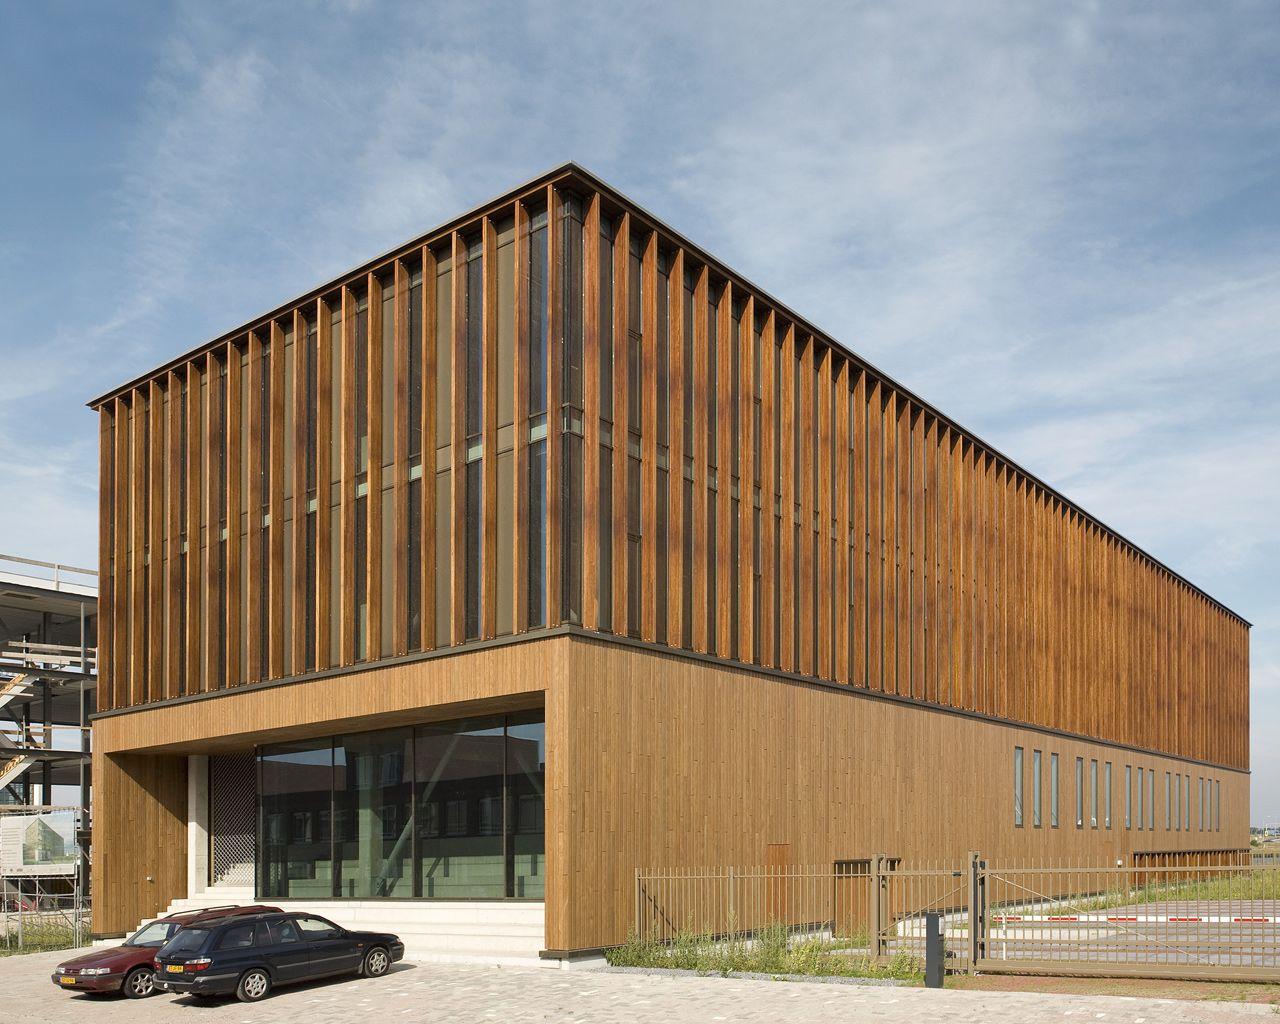 Londen en van Holland IJburg Design: dedato ontwerpers en architecten.